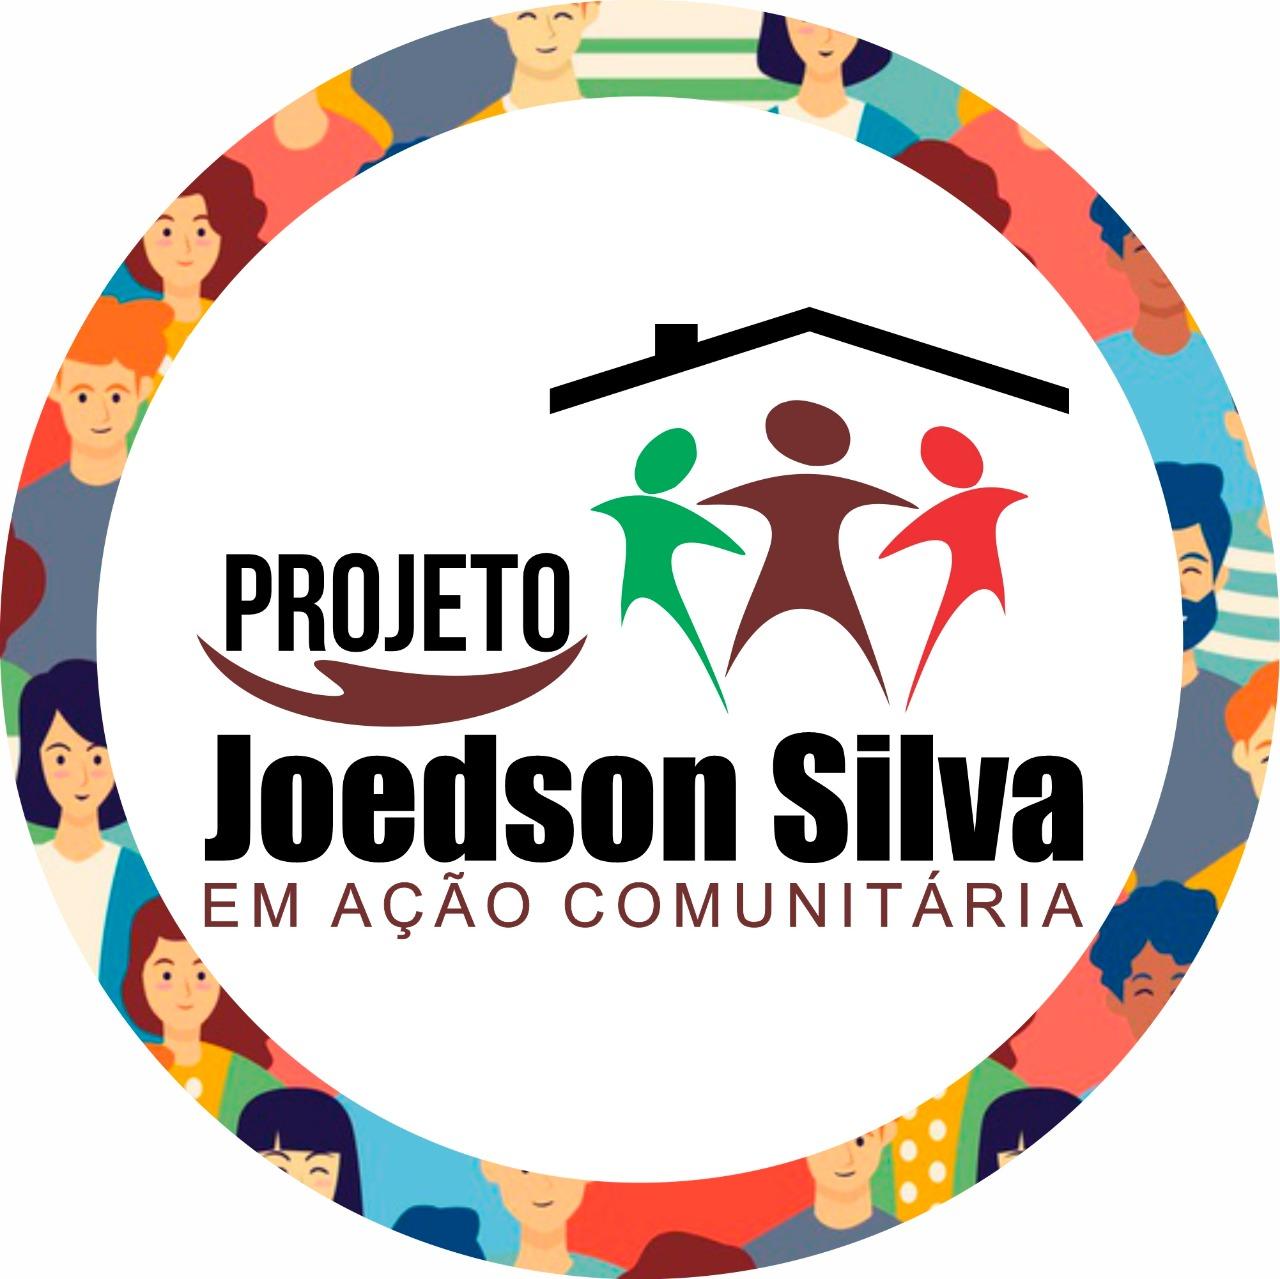 Projeto Joedson Silva em ação comunitária